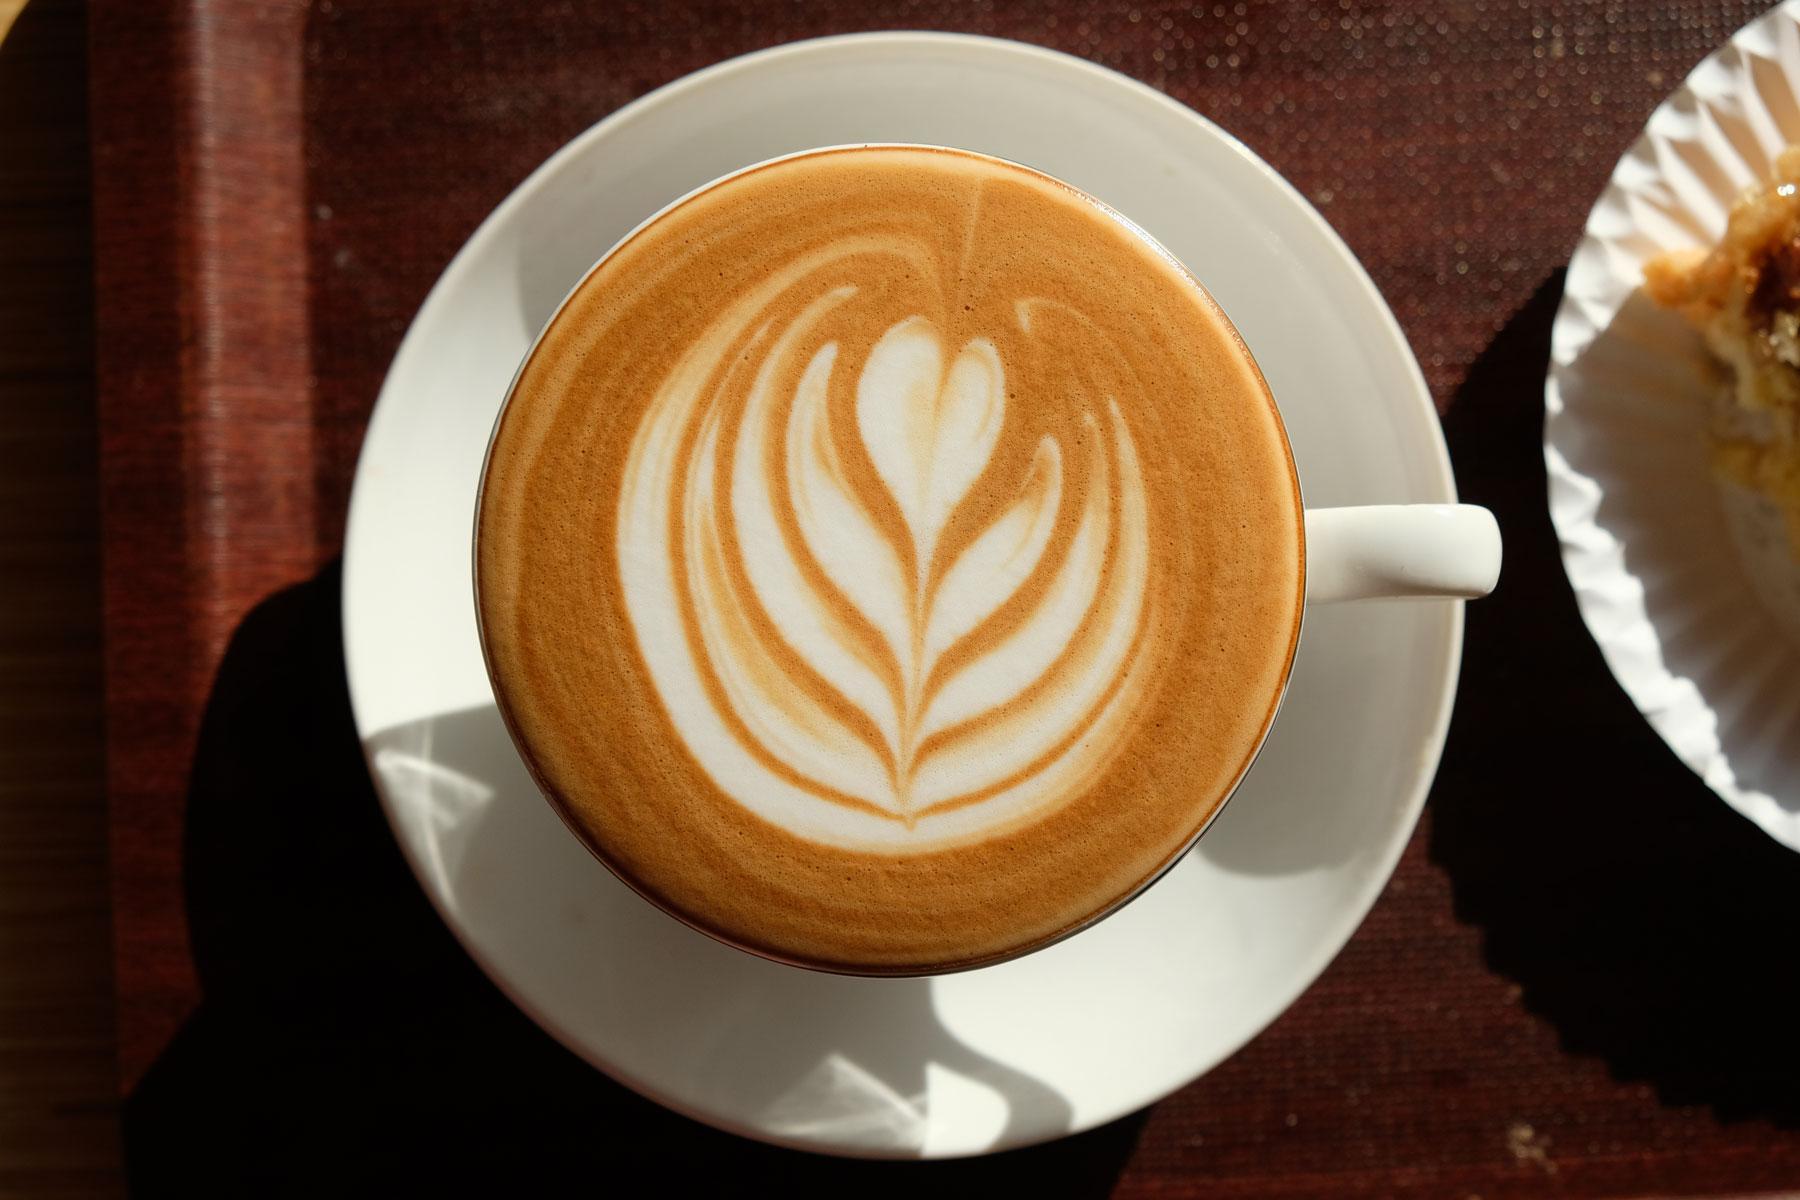 Und wir finden einen superleckeren und kunstvoll verzierten Cappuccino!